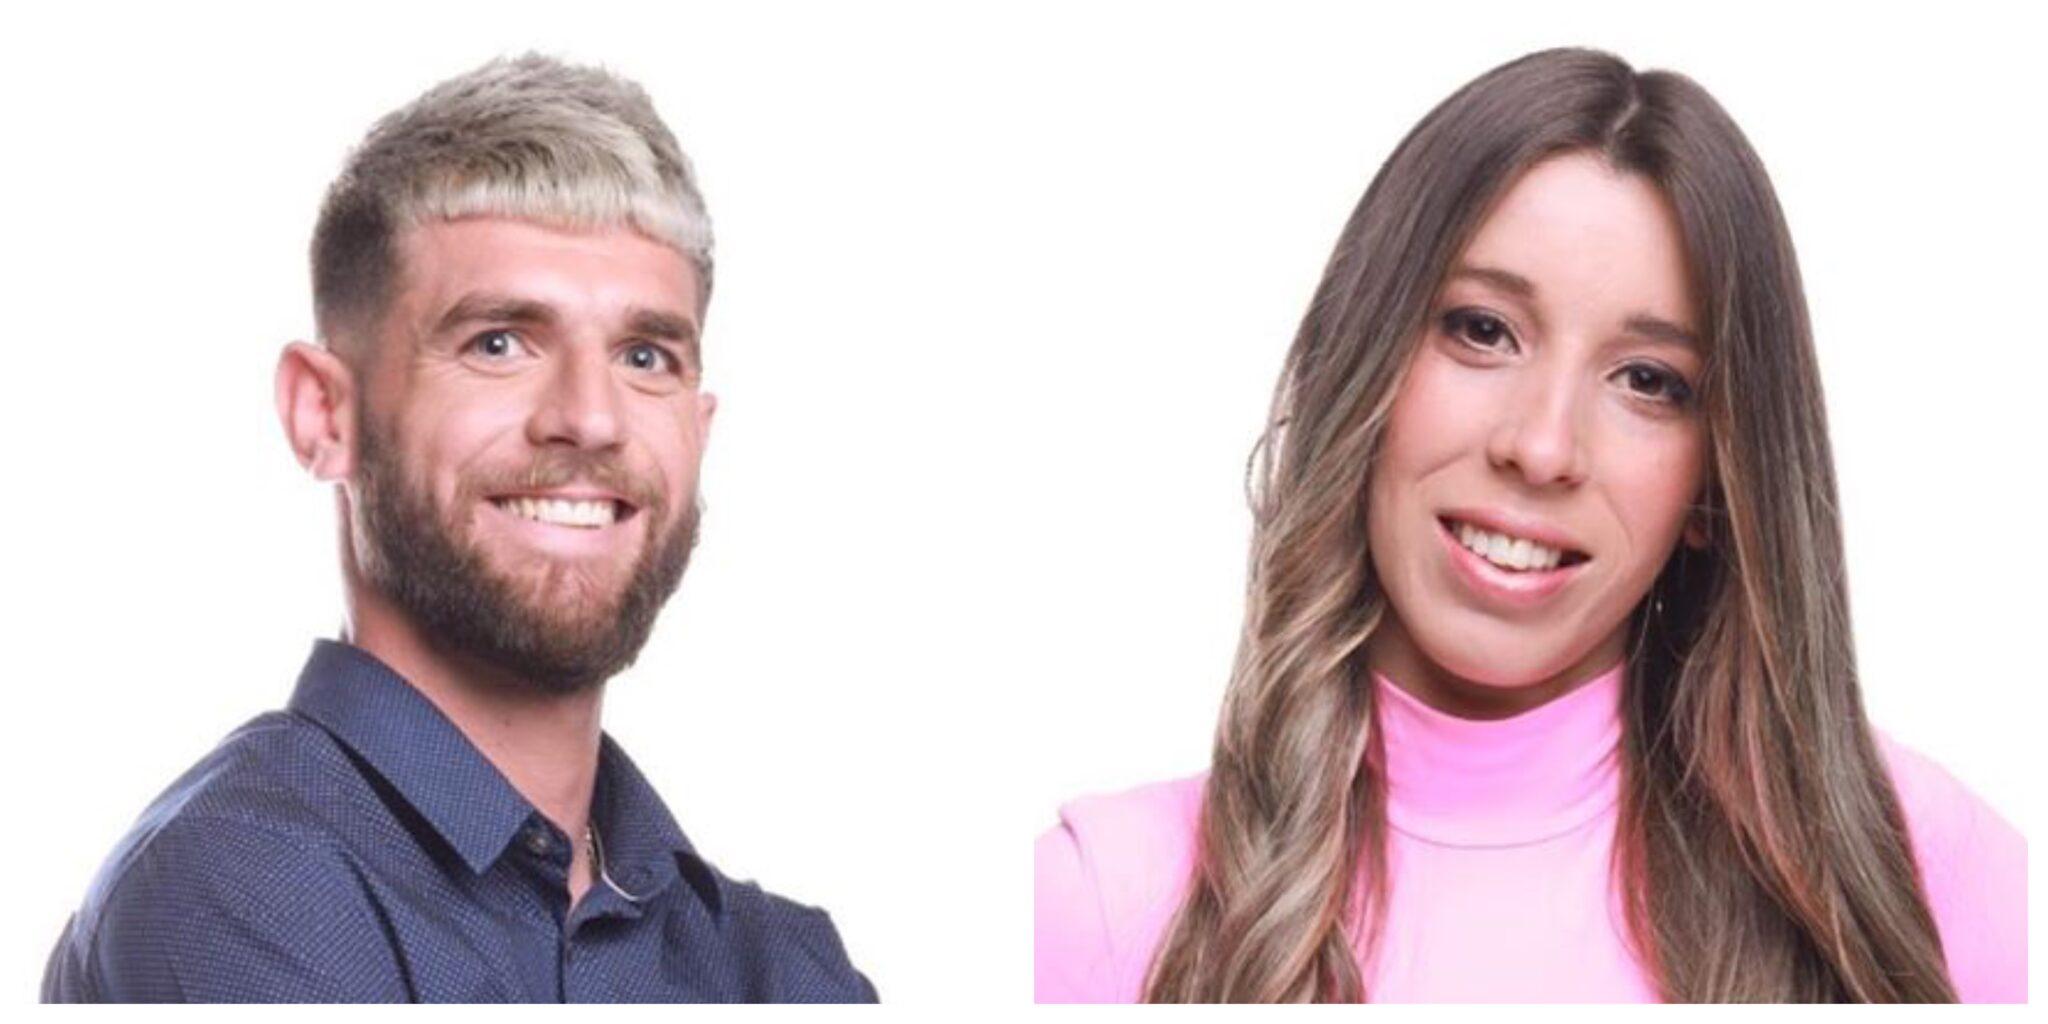 Big Brother Fabio Sonia Scaled Big Brother 2020. Fábio Ataca Sónia: &Quot;Não Olha A Meios Para Atingir Os Fins&Quot;